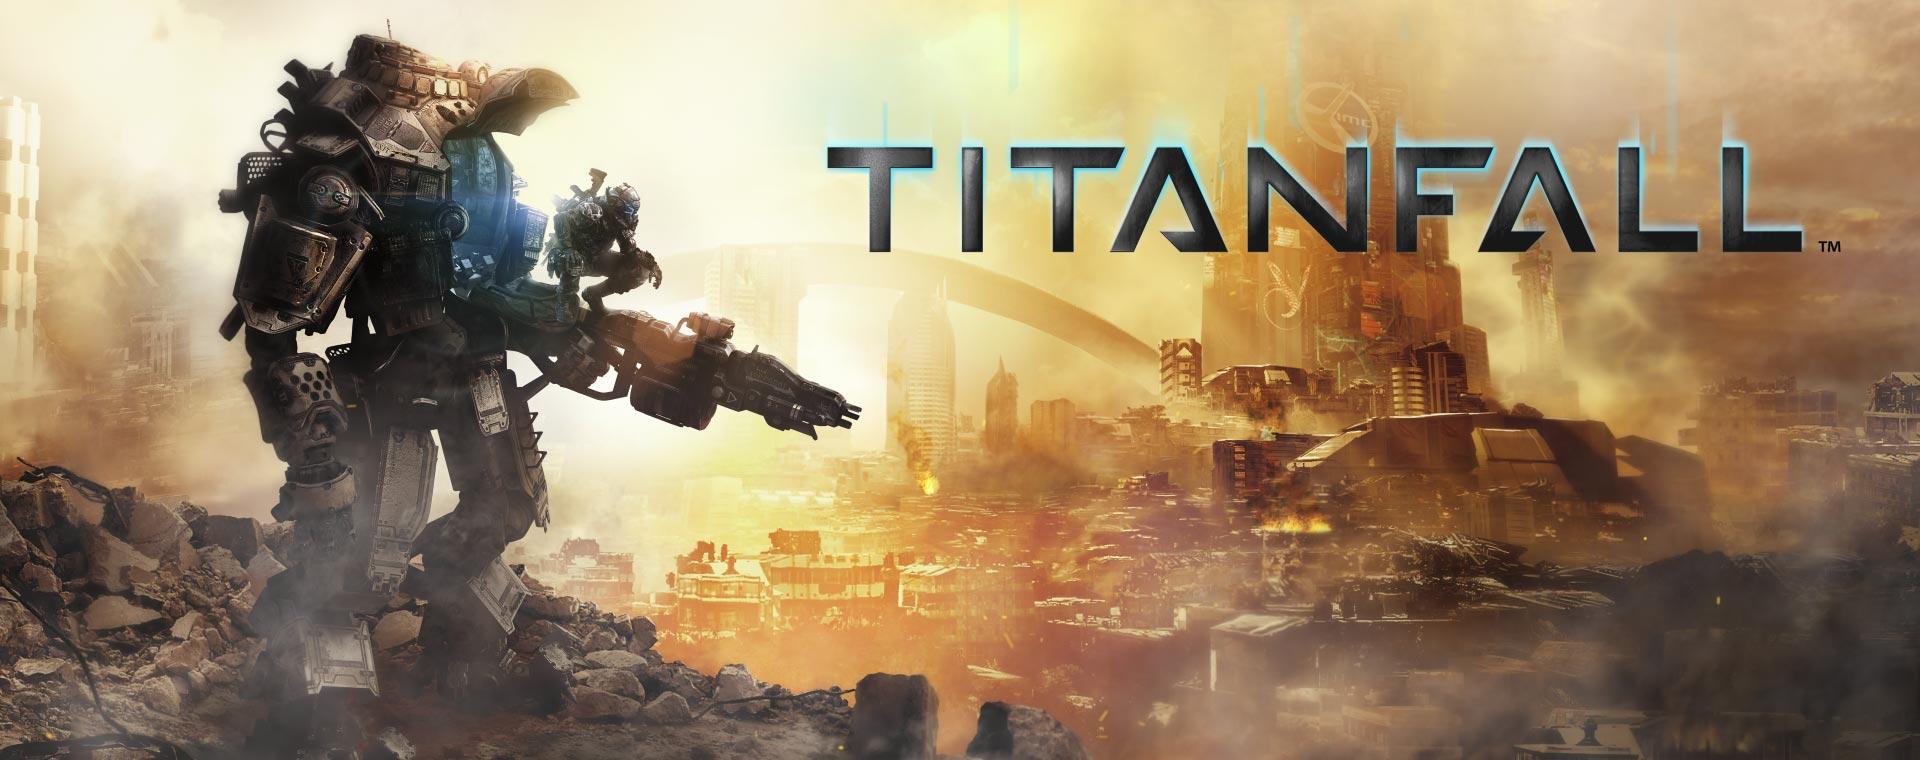 ارزش گذاری بازی TitanFall